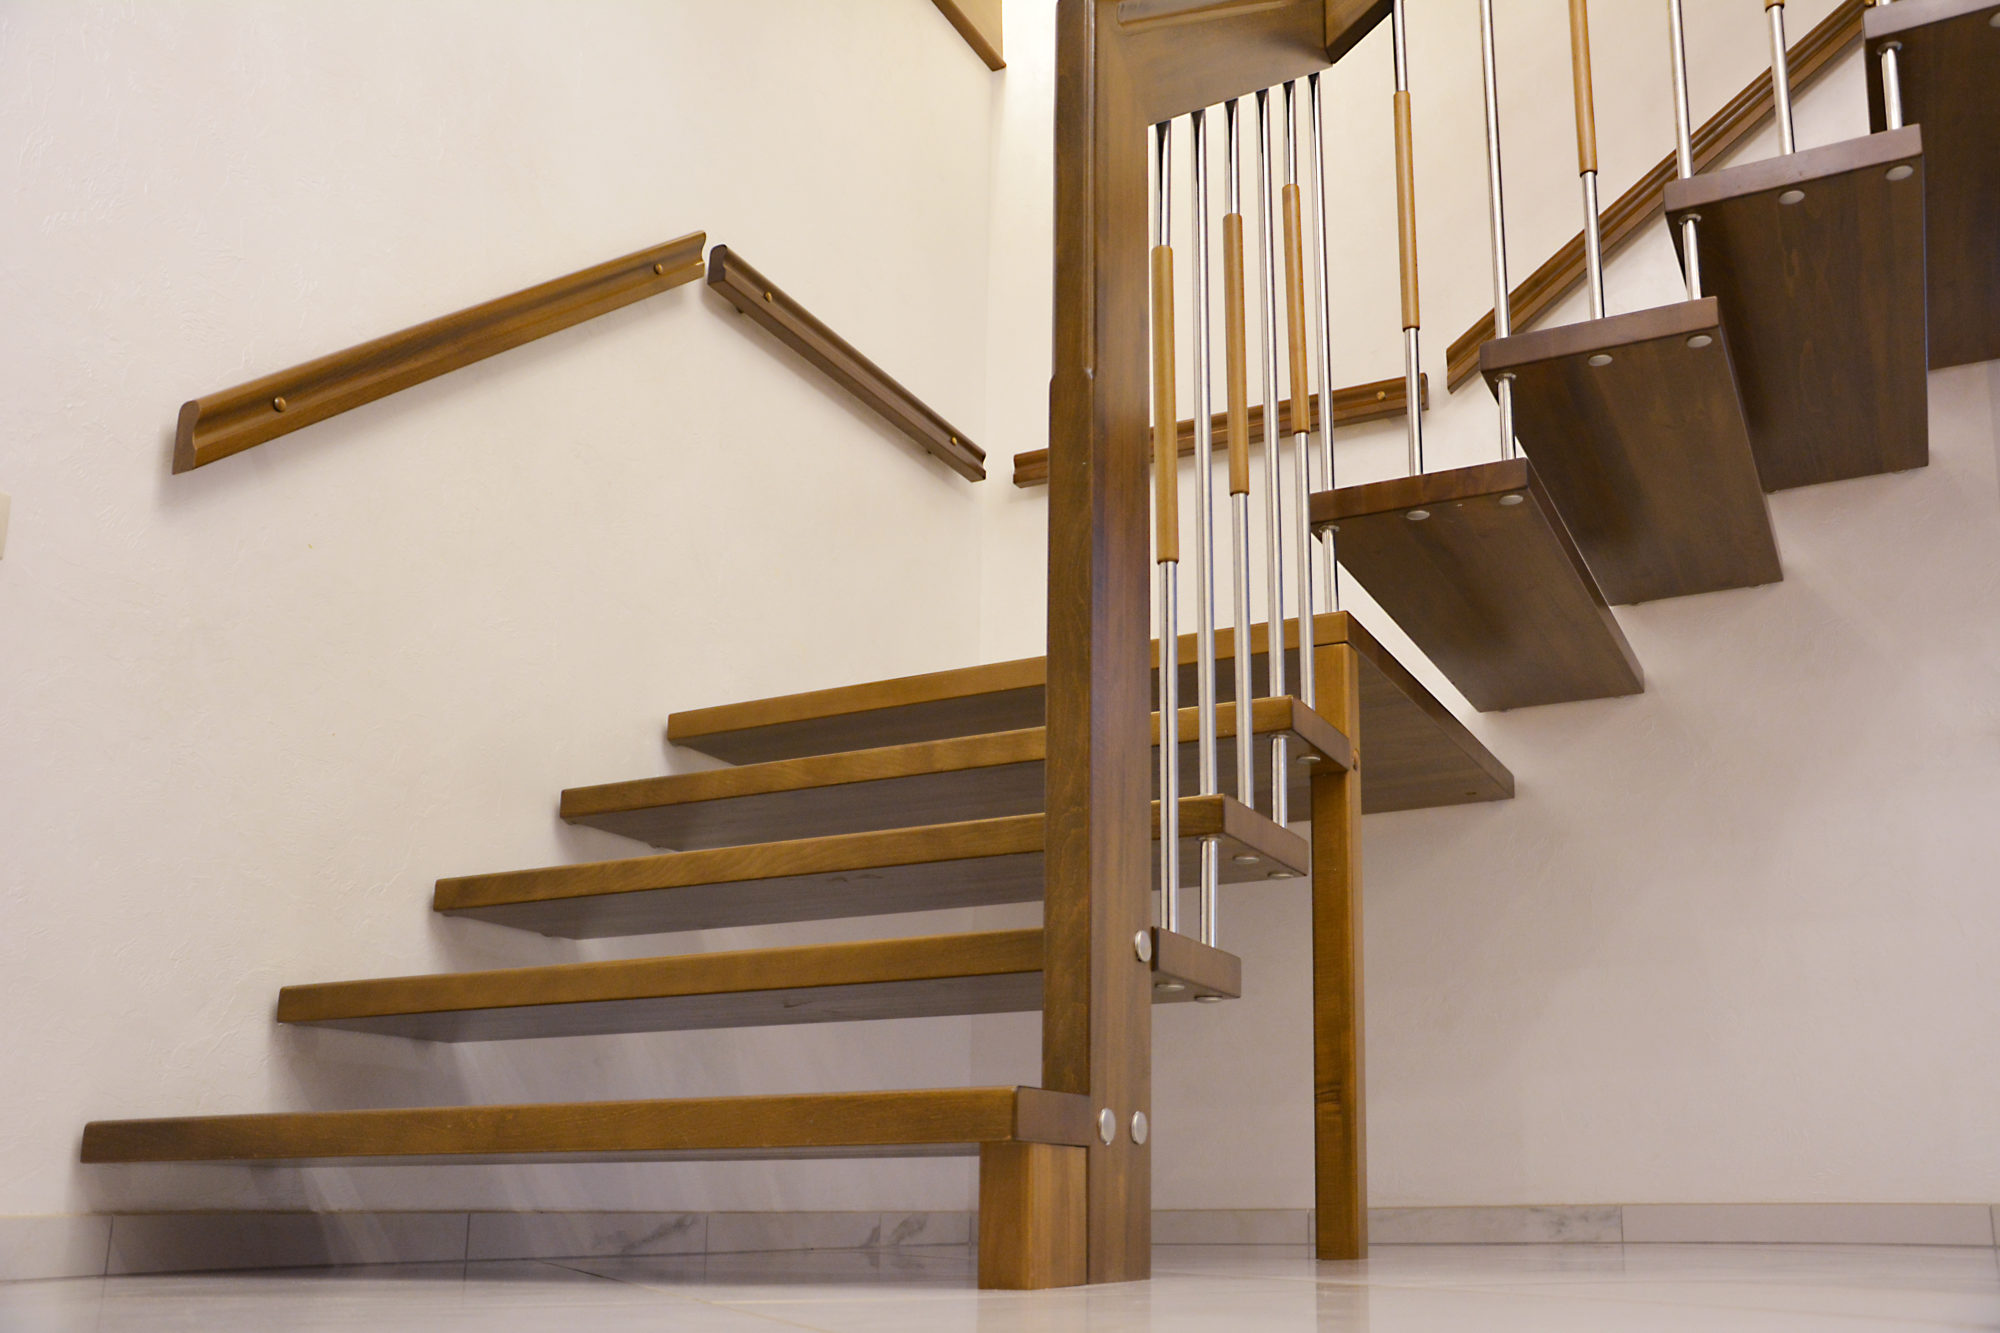 тоже фото лестниц навесных парк